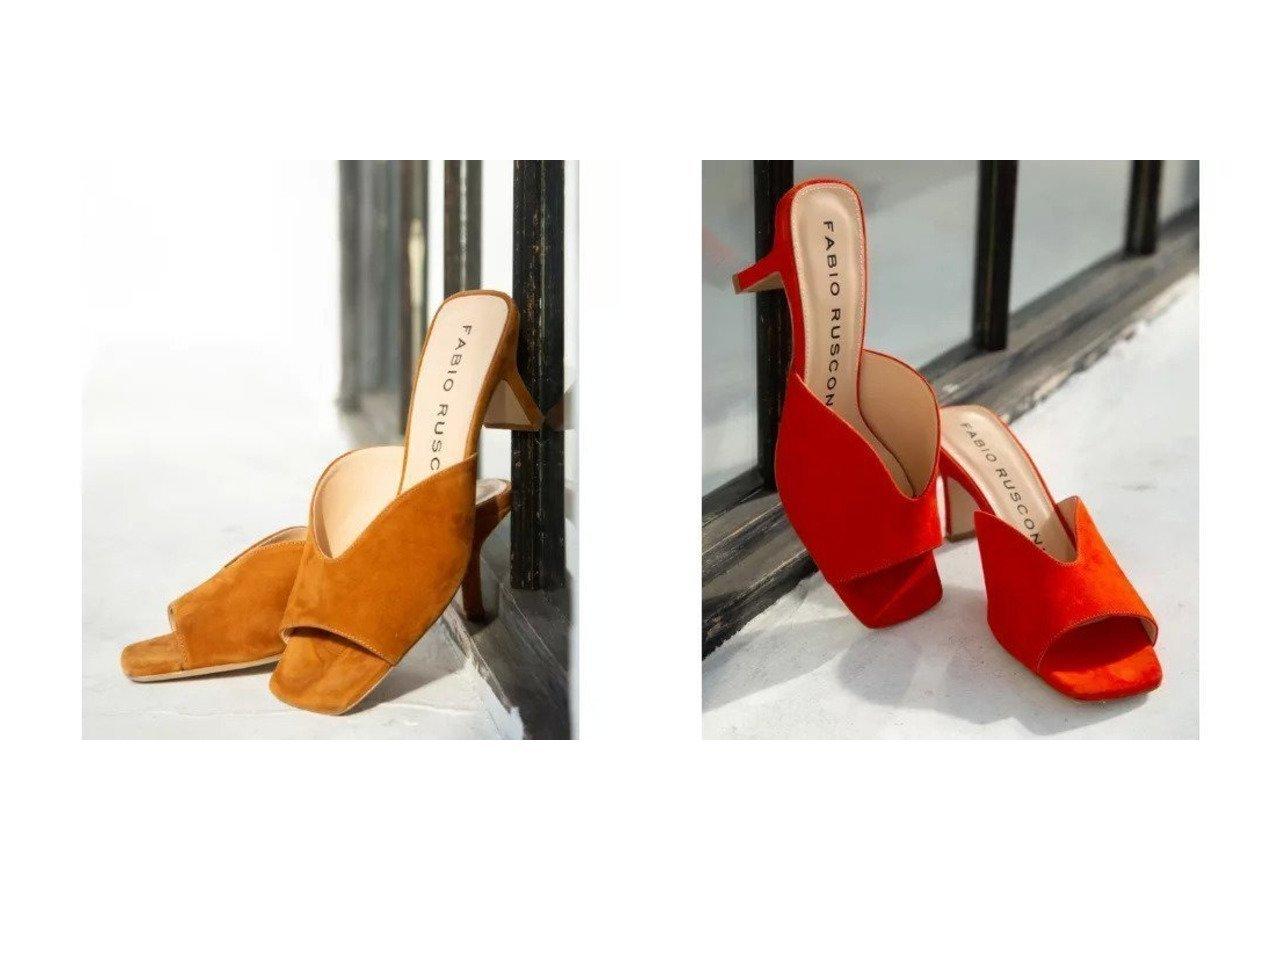 【TRUE NAVY/トゥルー ネイビー】のFABIO RUSCONI(ファビオルスコーニ)/スクエアトゥミュール シューズ・靴のおすすめ!人気、トレンド・レディースファッションの通販 おすすめで人気の流行・トレンド、ファッションの通販商品 メンズファッション・キッズファッション・インテリア・家具・レディースファッション・服の通販 founy(ファニー) https://founy.com/ ファッション Fashion レディースファッション WOMEN イタリア 春 Spring カッティング コレクション サンダル シューズ シンプル スエード スクエア 別注 ミュール リゾート リュクス S/S 春夏 SS Spring/Summer |ID:crp329100000023360